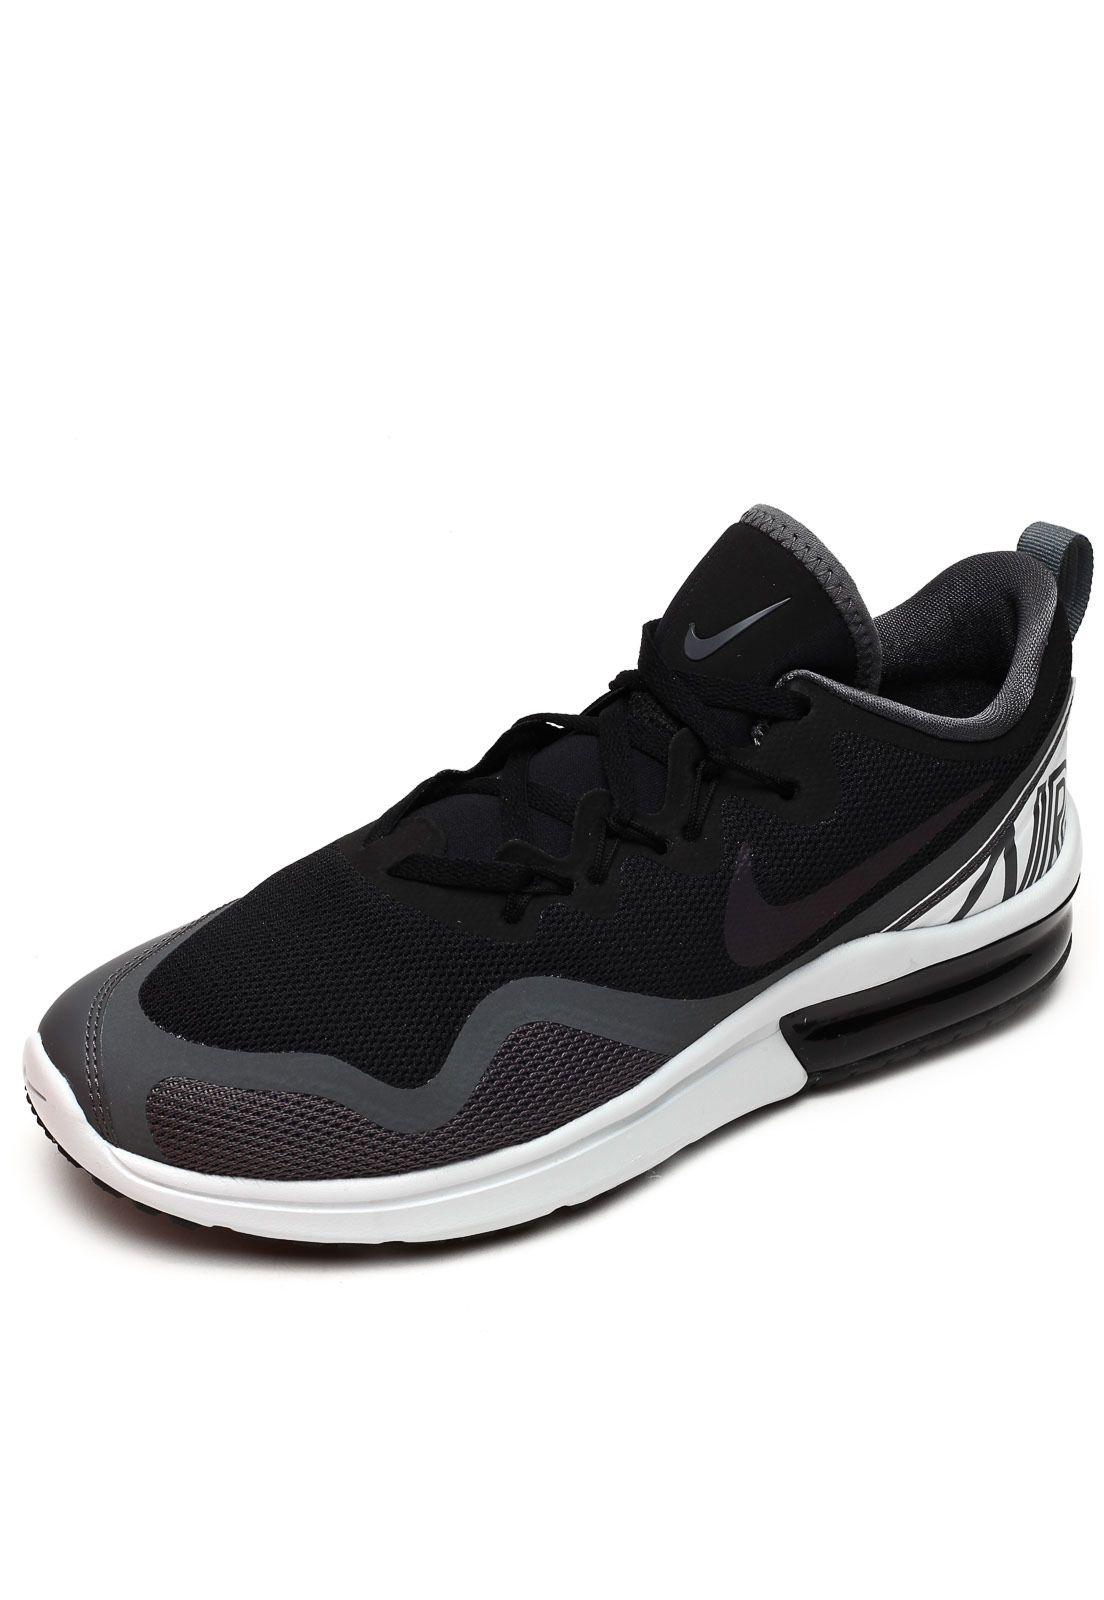 Tênis Nike Air Max Fury Preto   Nike air max, Ar max e Tenis